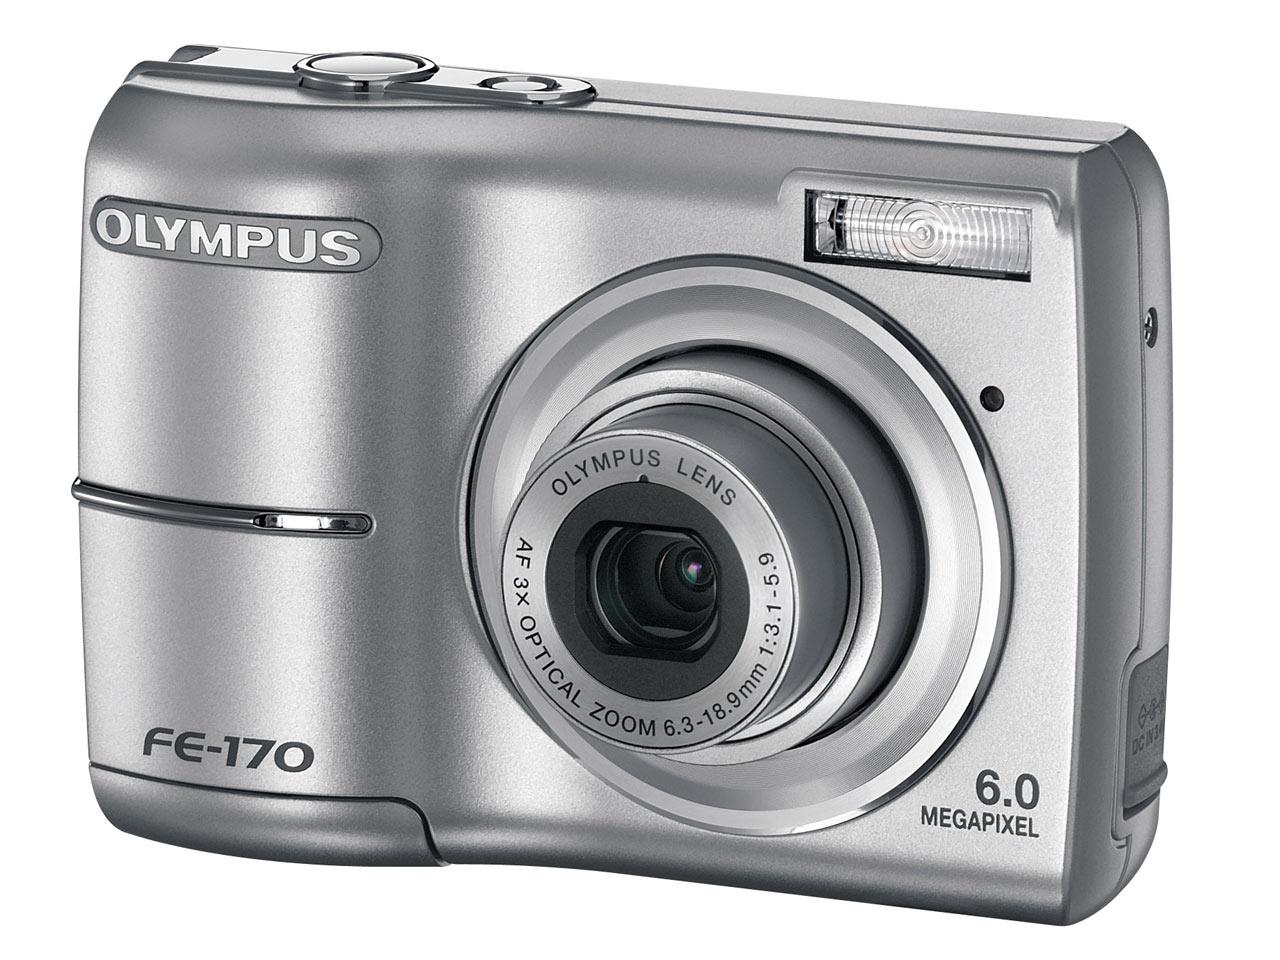 Olympus FE-170   FE-180  Digital Photography Review eaab627a2f9c